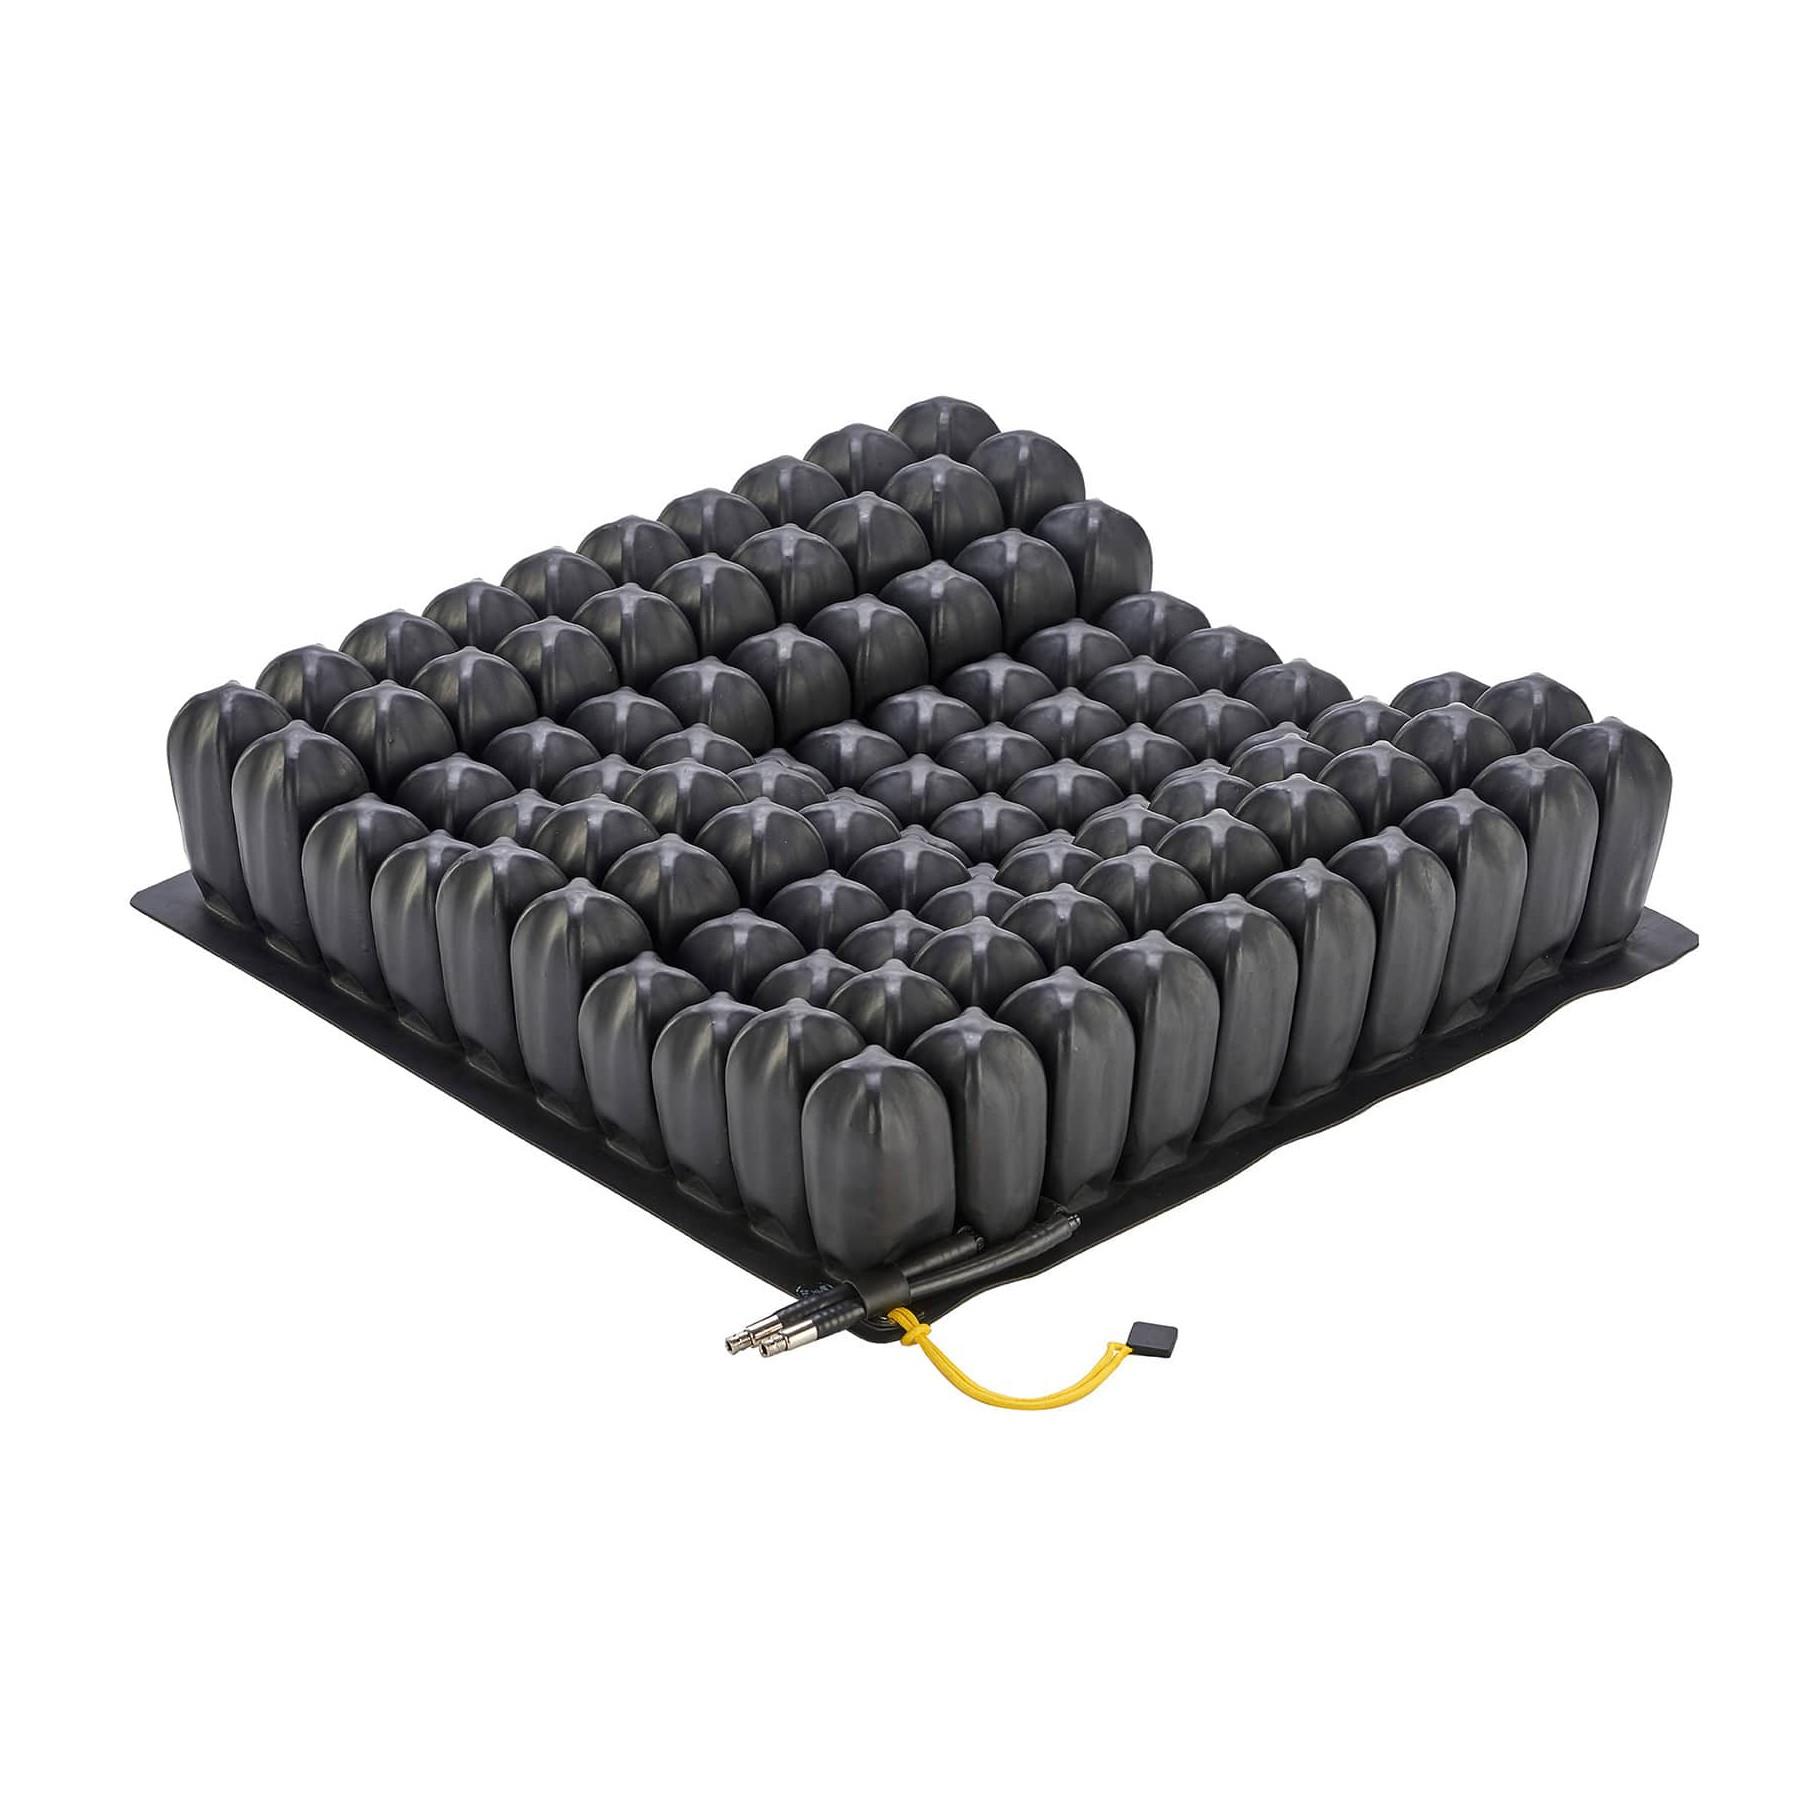 ROHO® ENHANCER® Dual Compartment Wheelchair Cushion